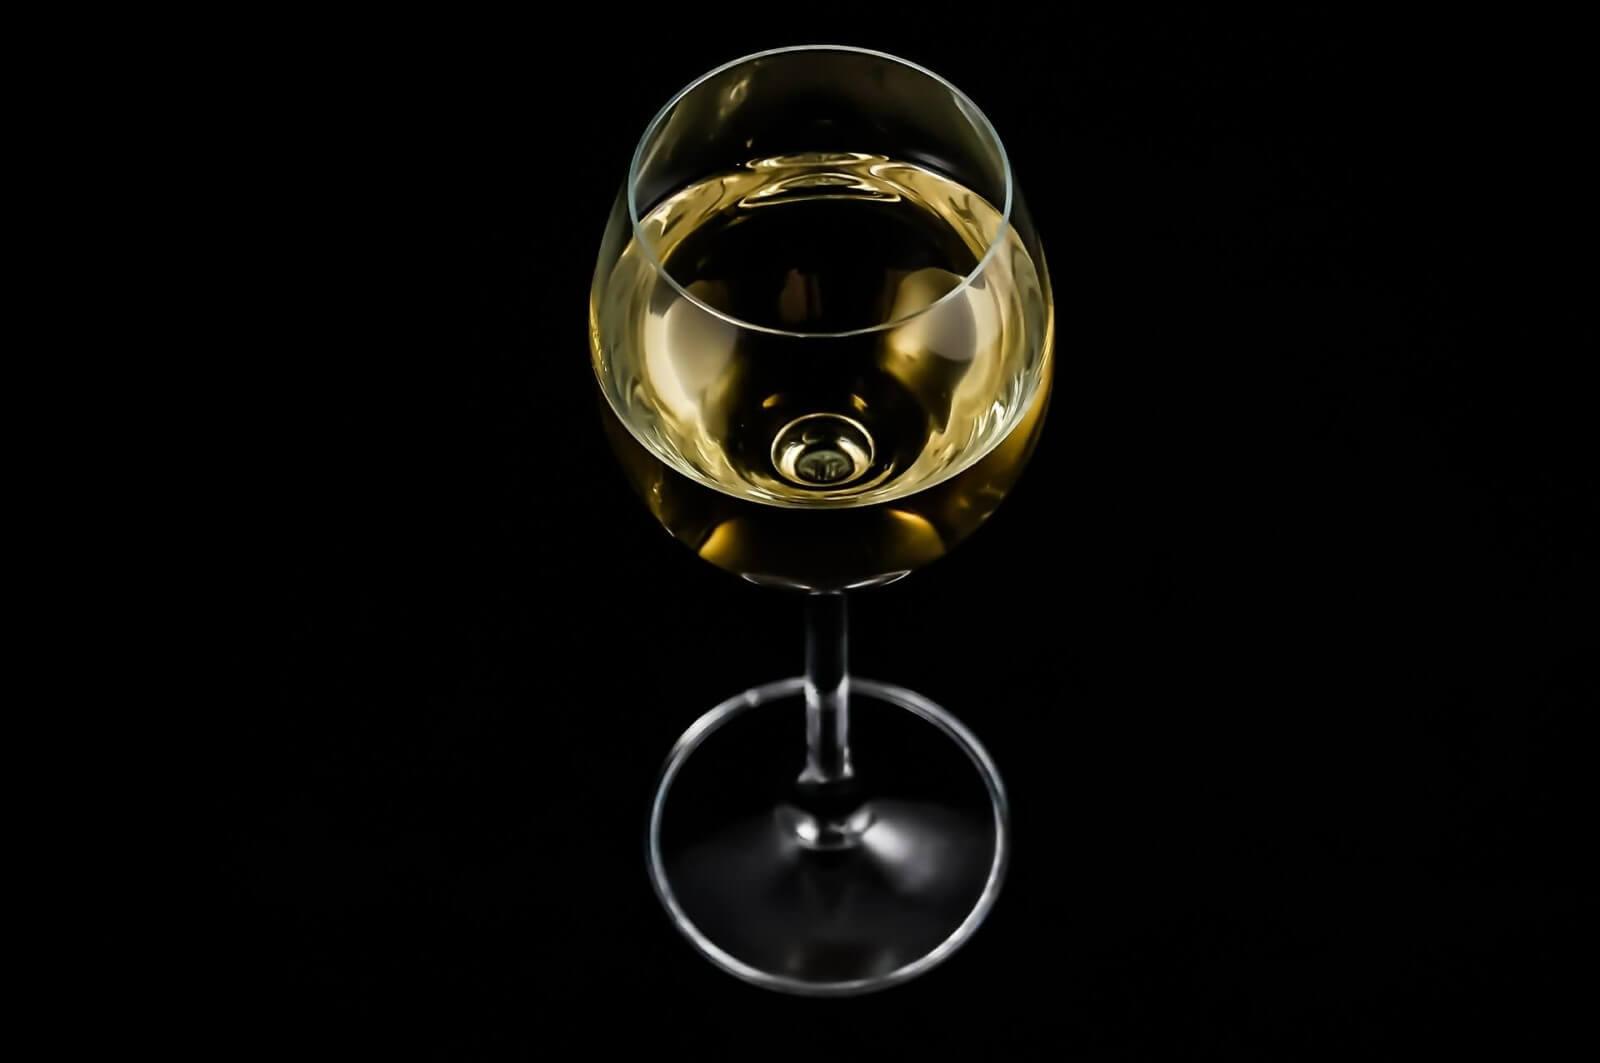 алкоголь в период похудения